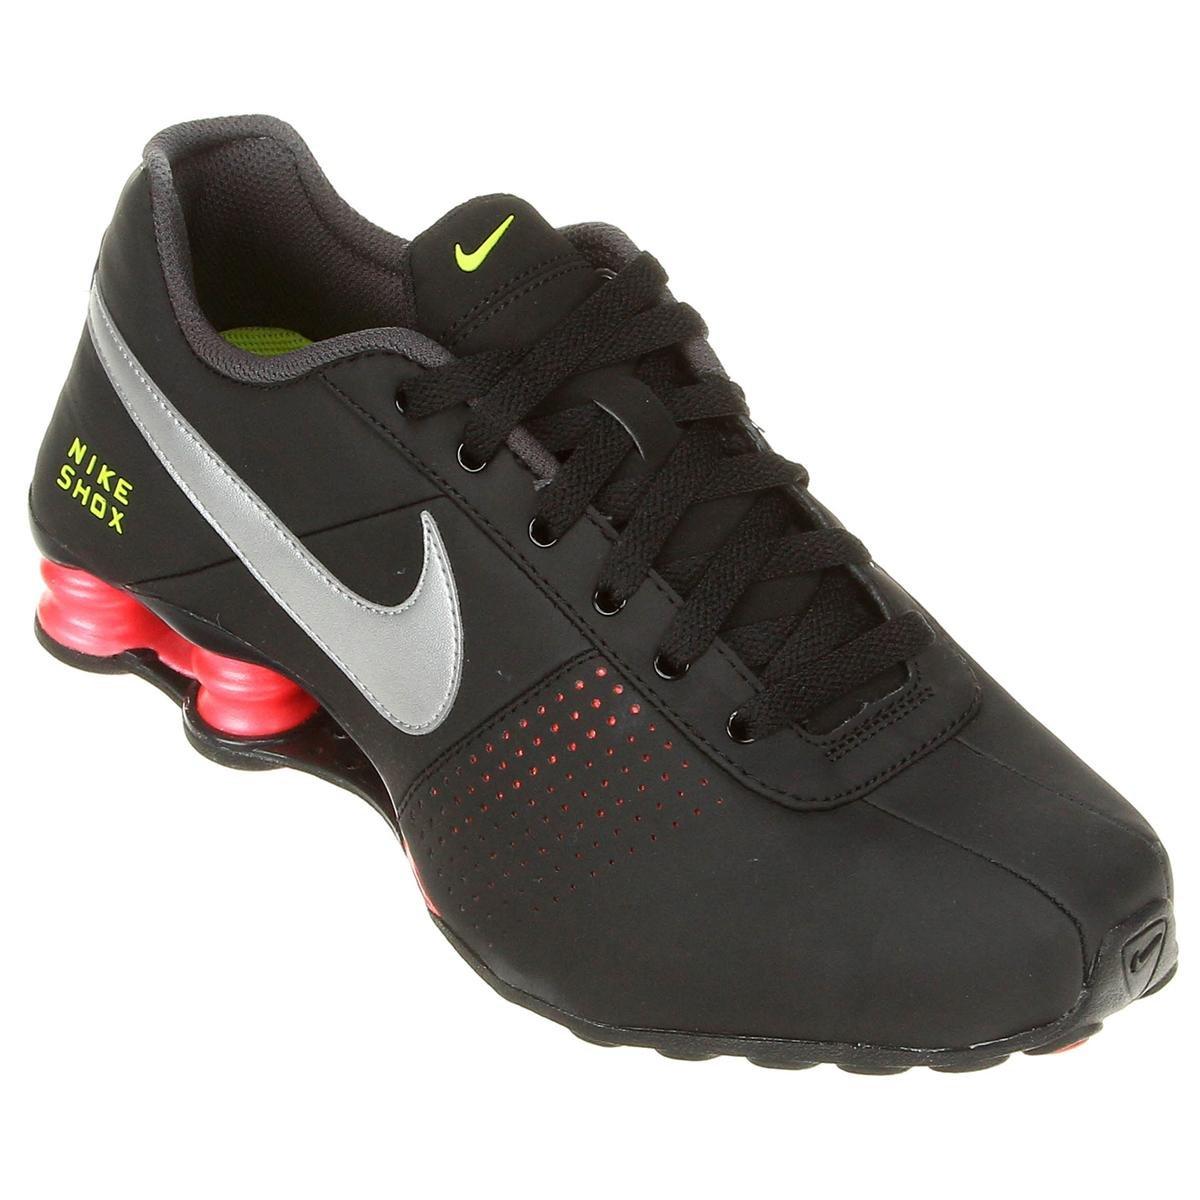 8024085f88b Tênis Nike Shox Deliver - Compre Agora